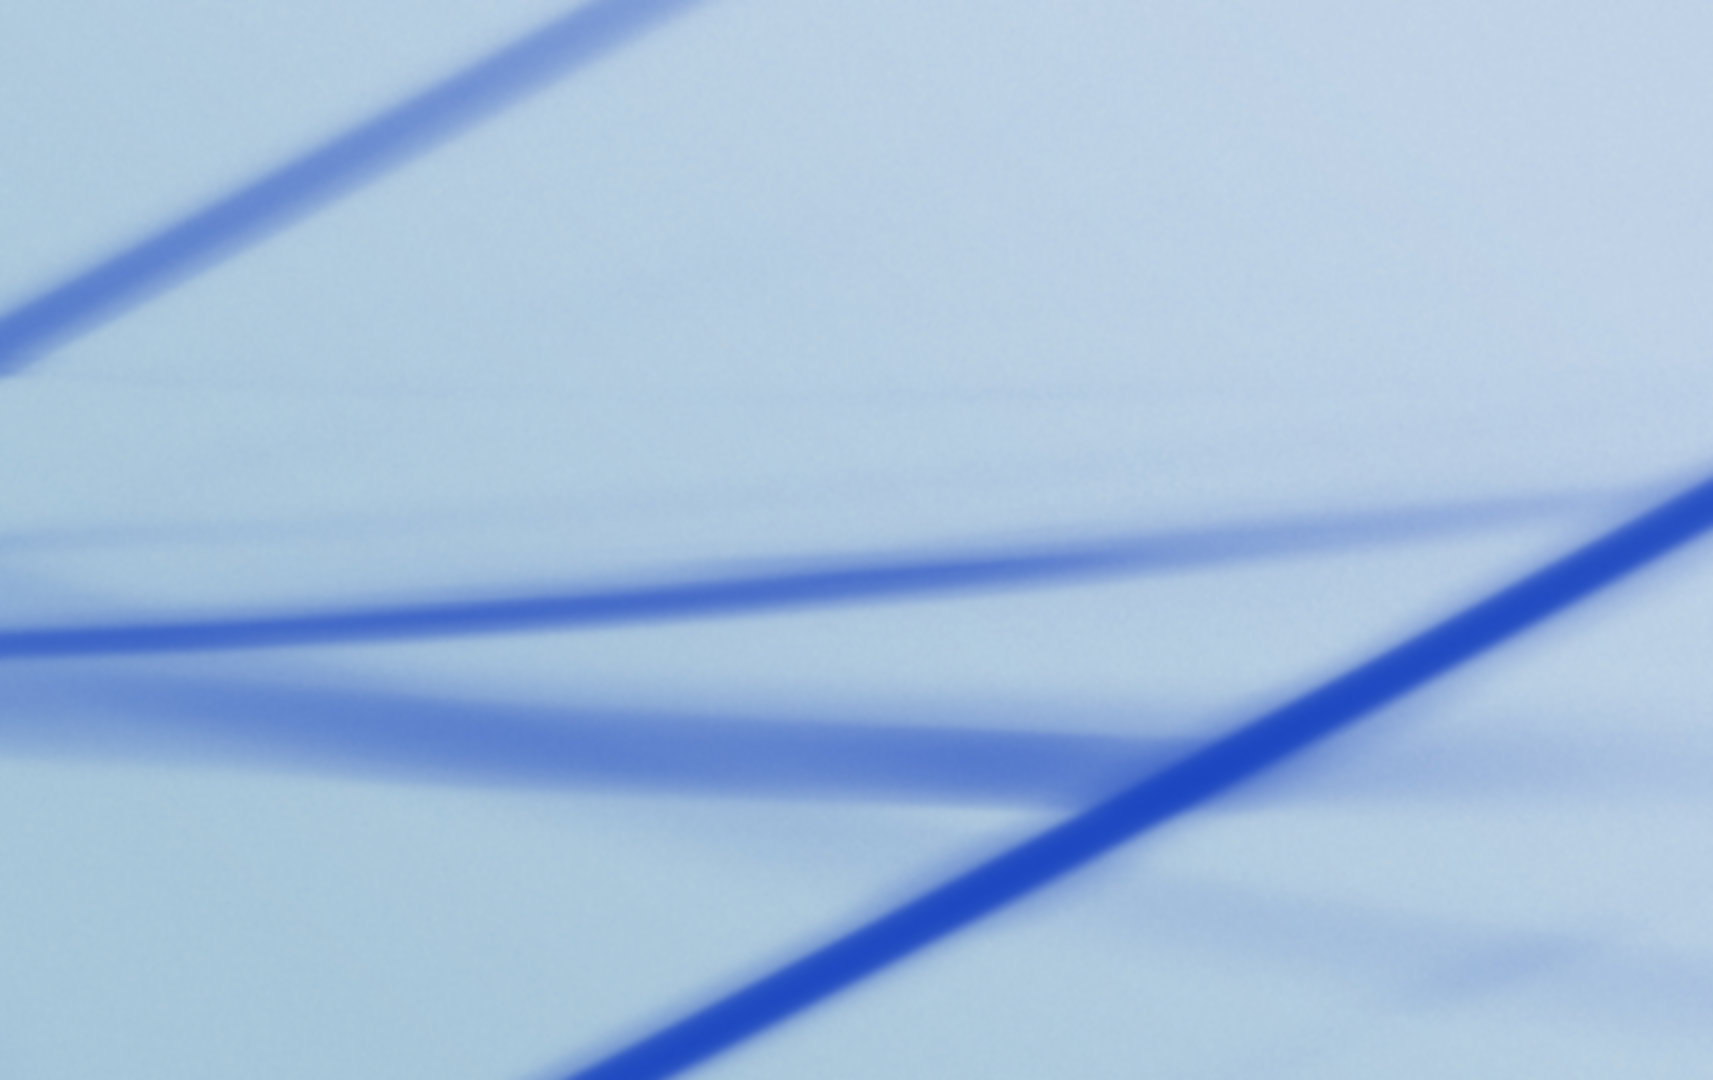 תמונות של ניקוי חלונות חברת שקוף